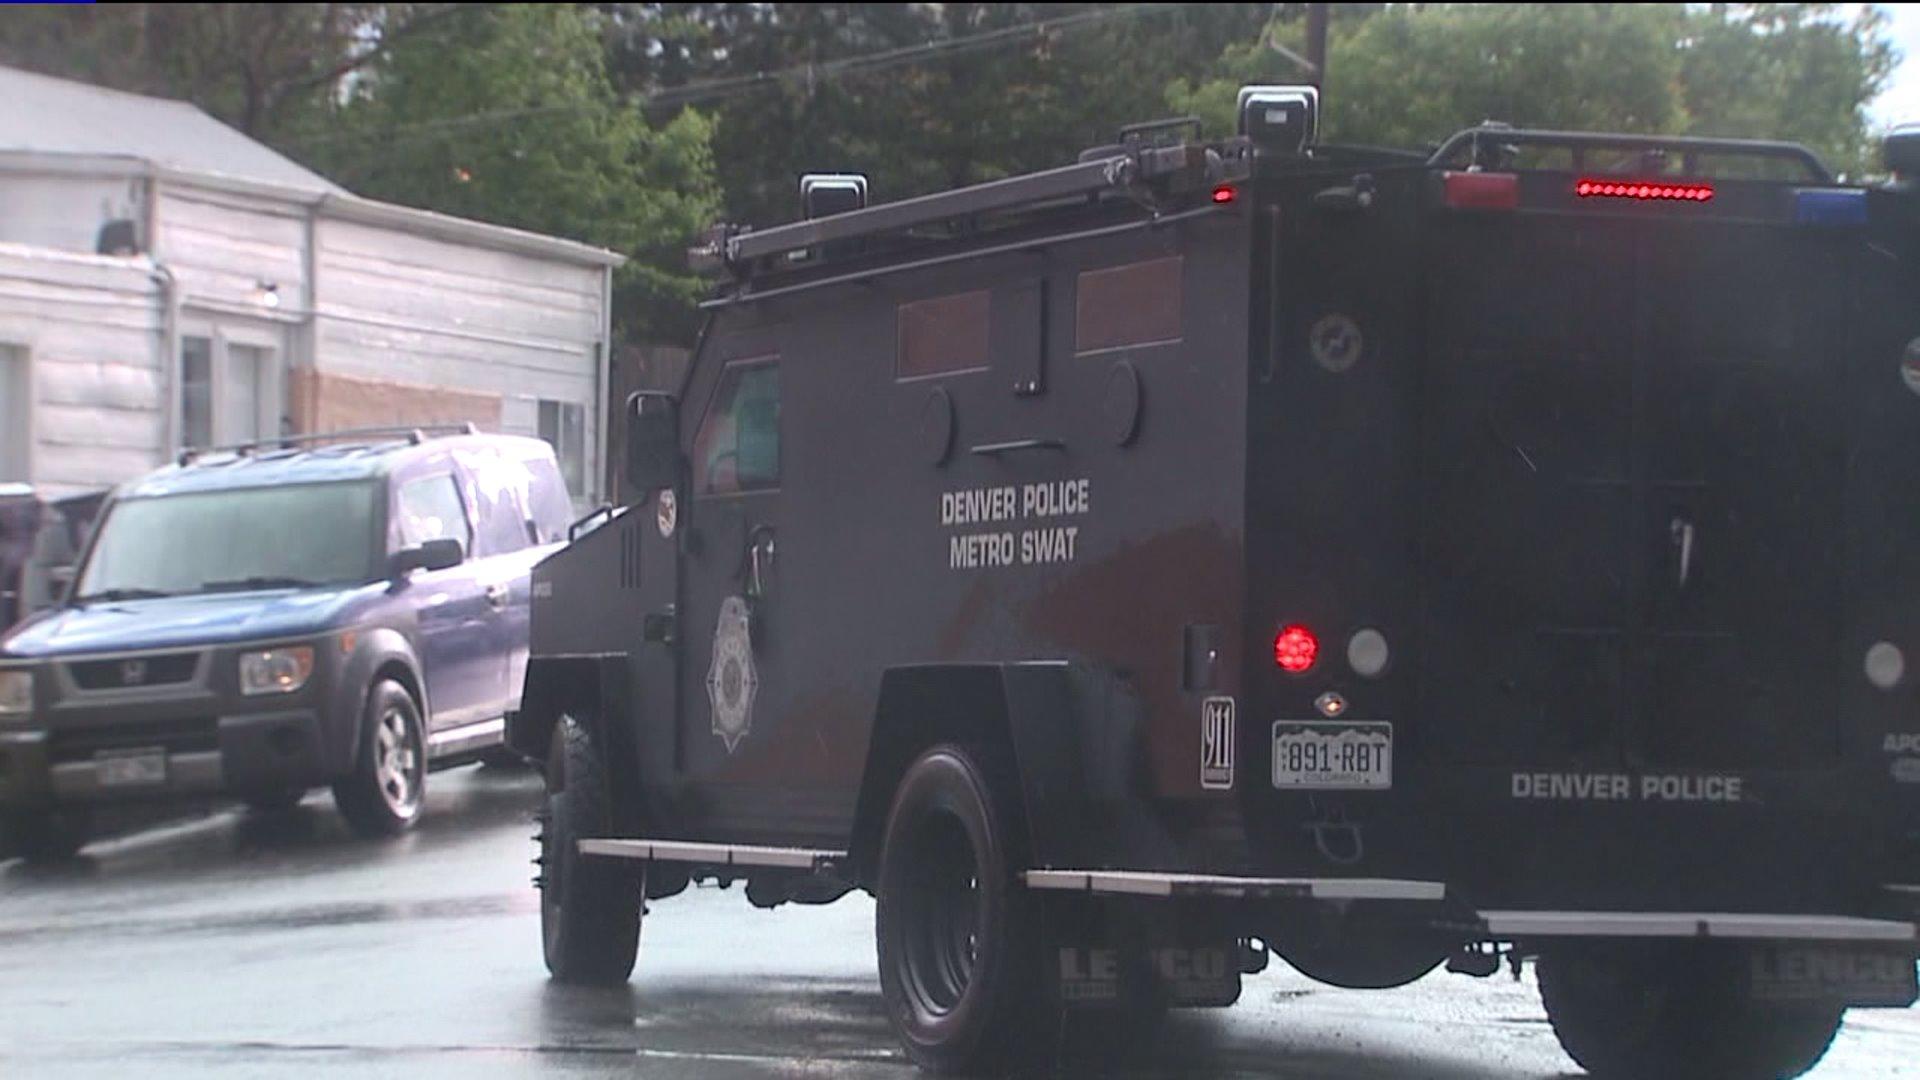 Denver SWAT vehicle